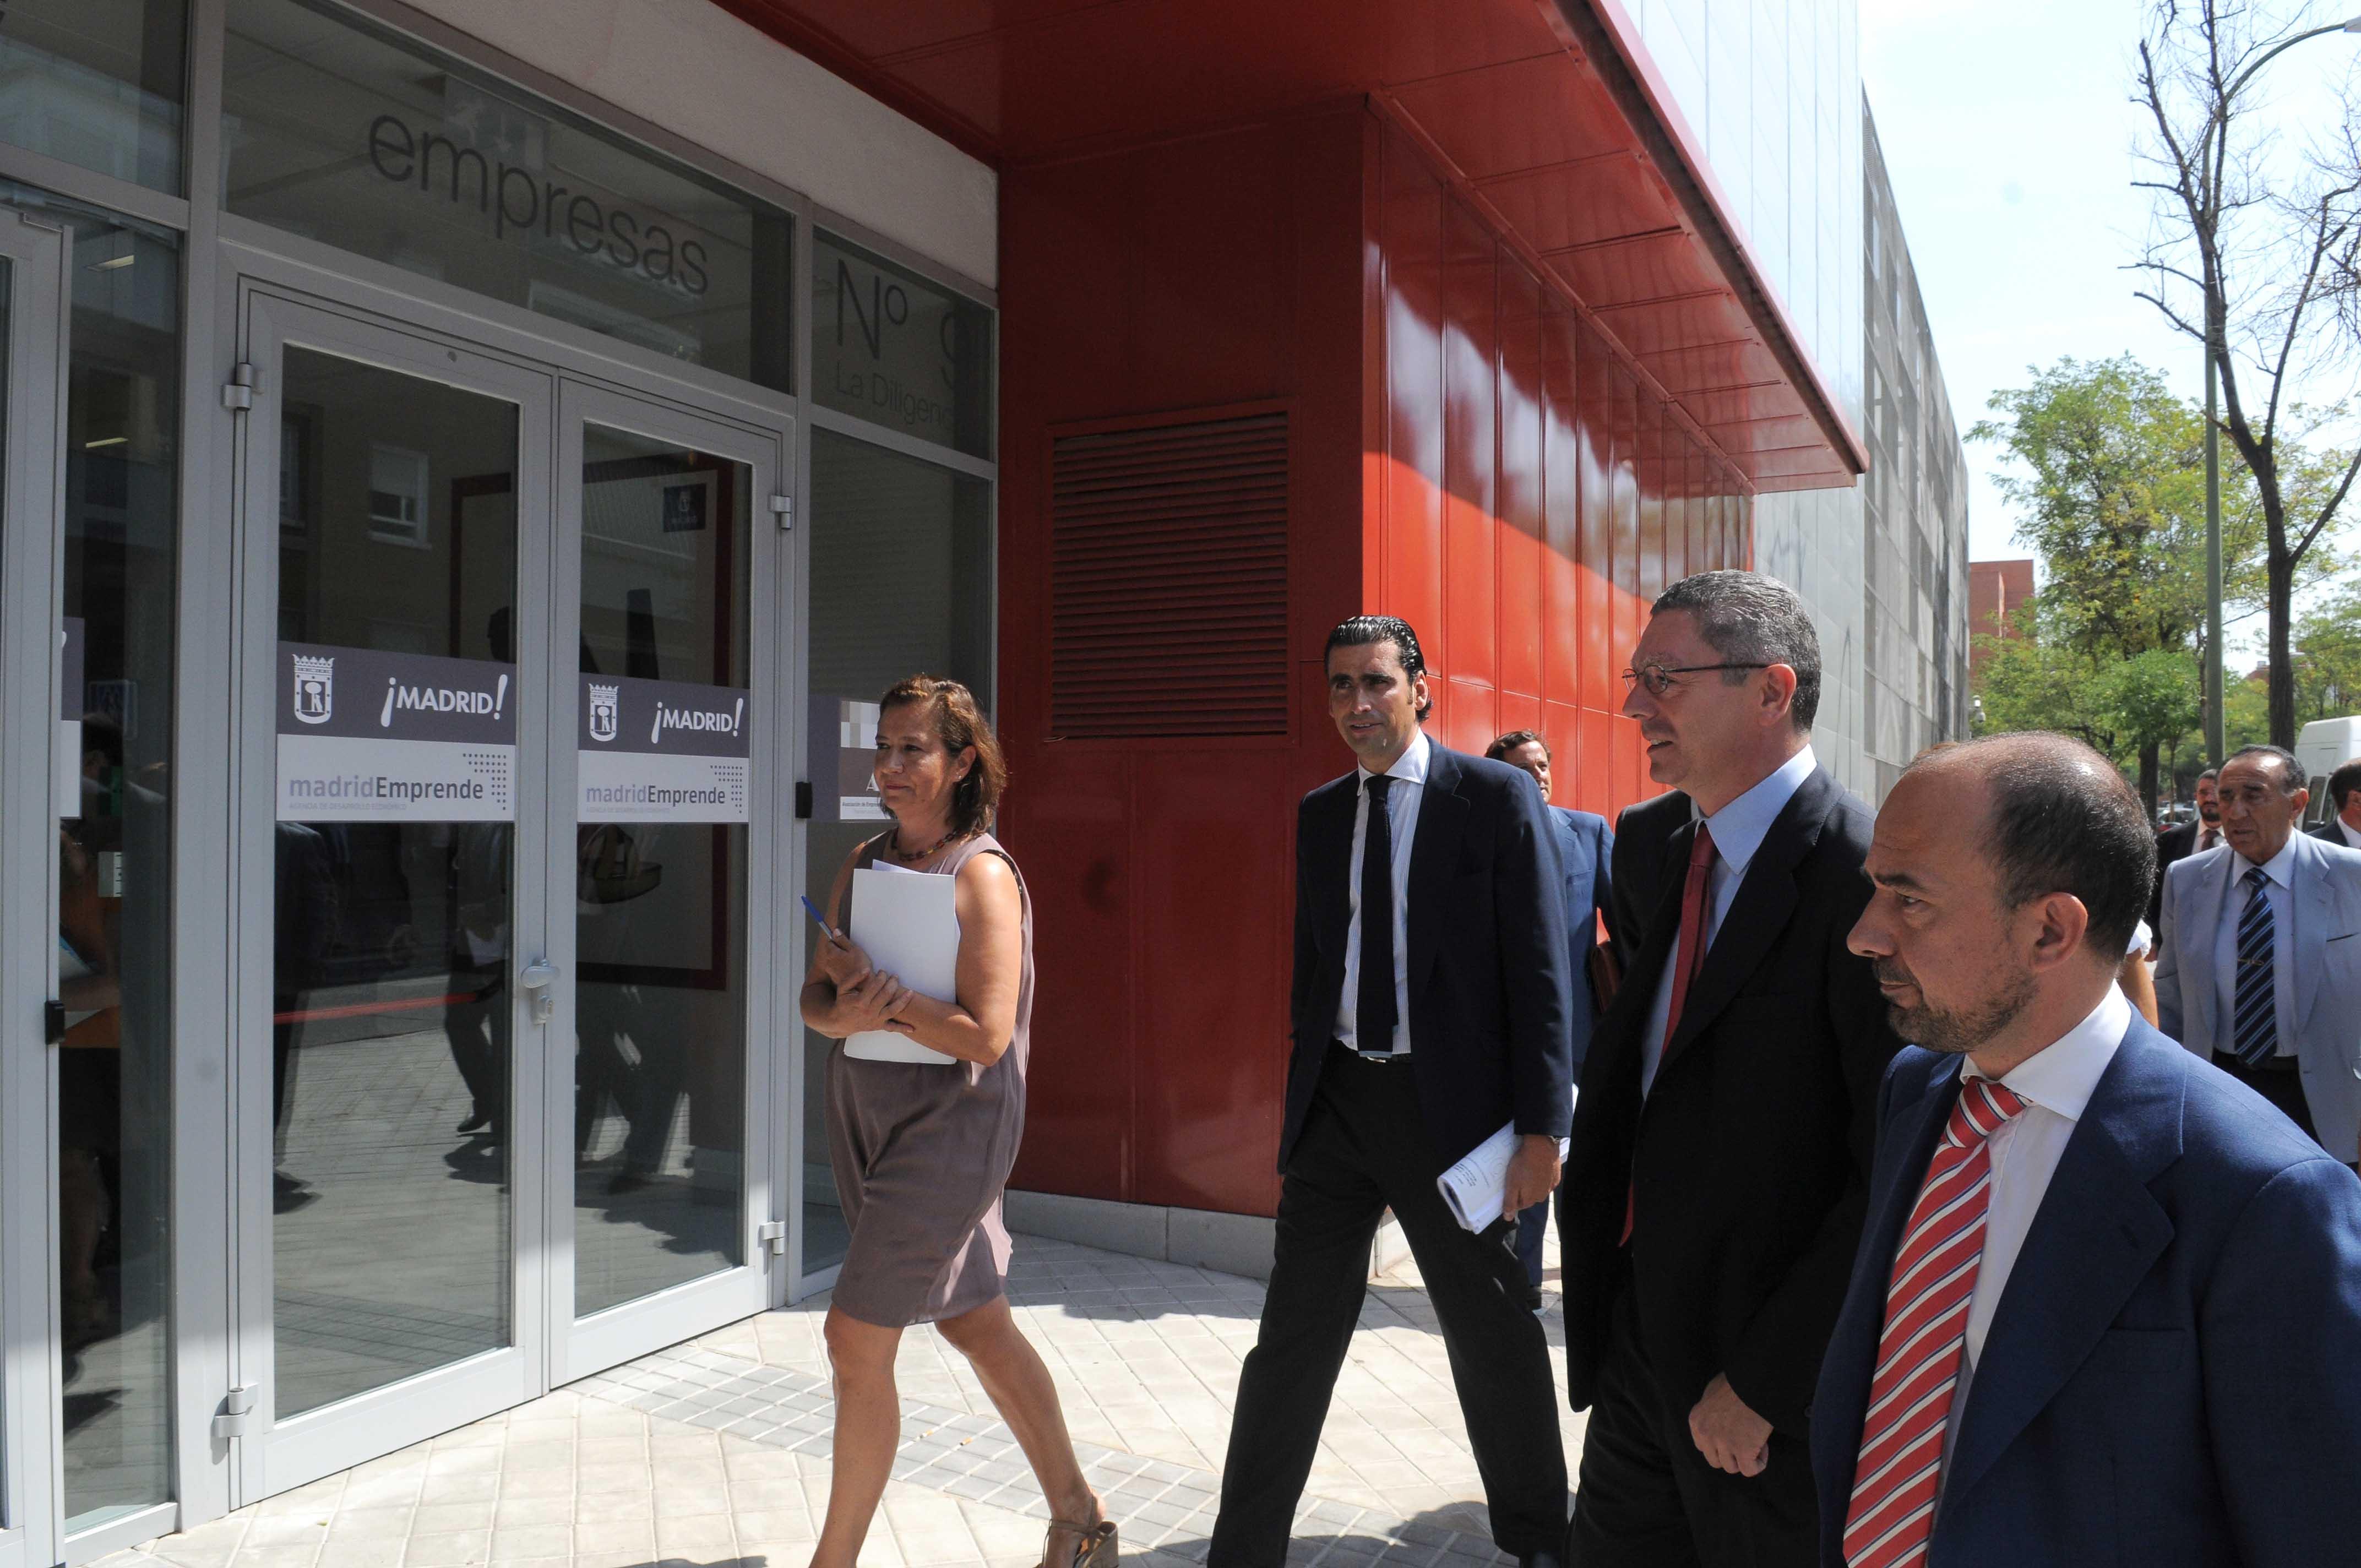 Viveros de empresas para conjurar la crisis ayuntamiento - Viveros de madrid ...